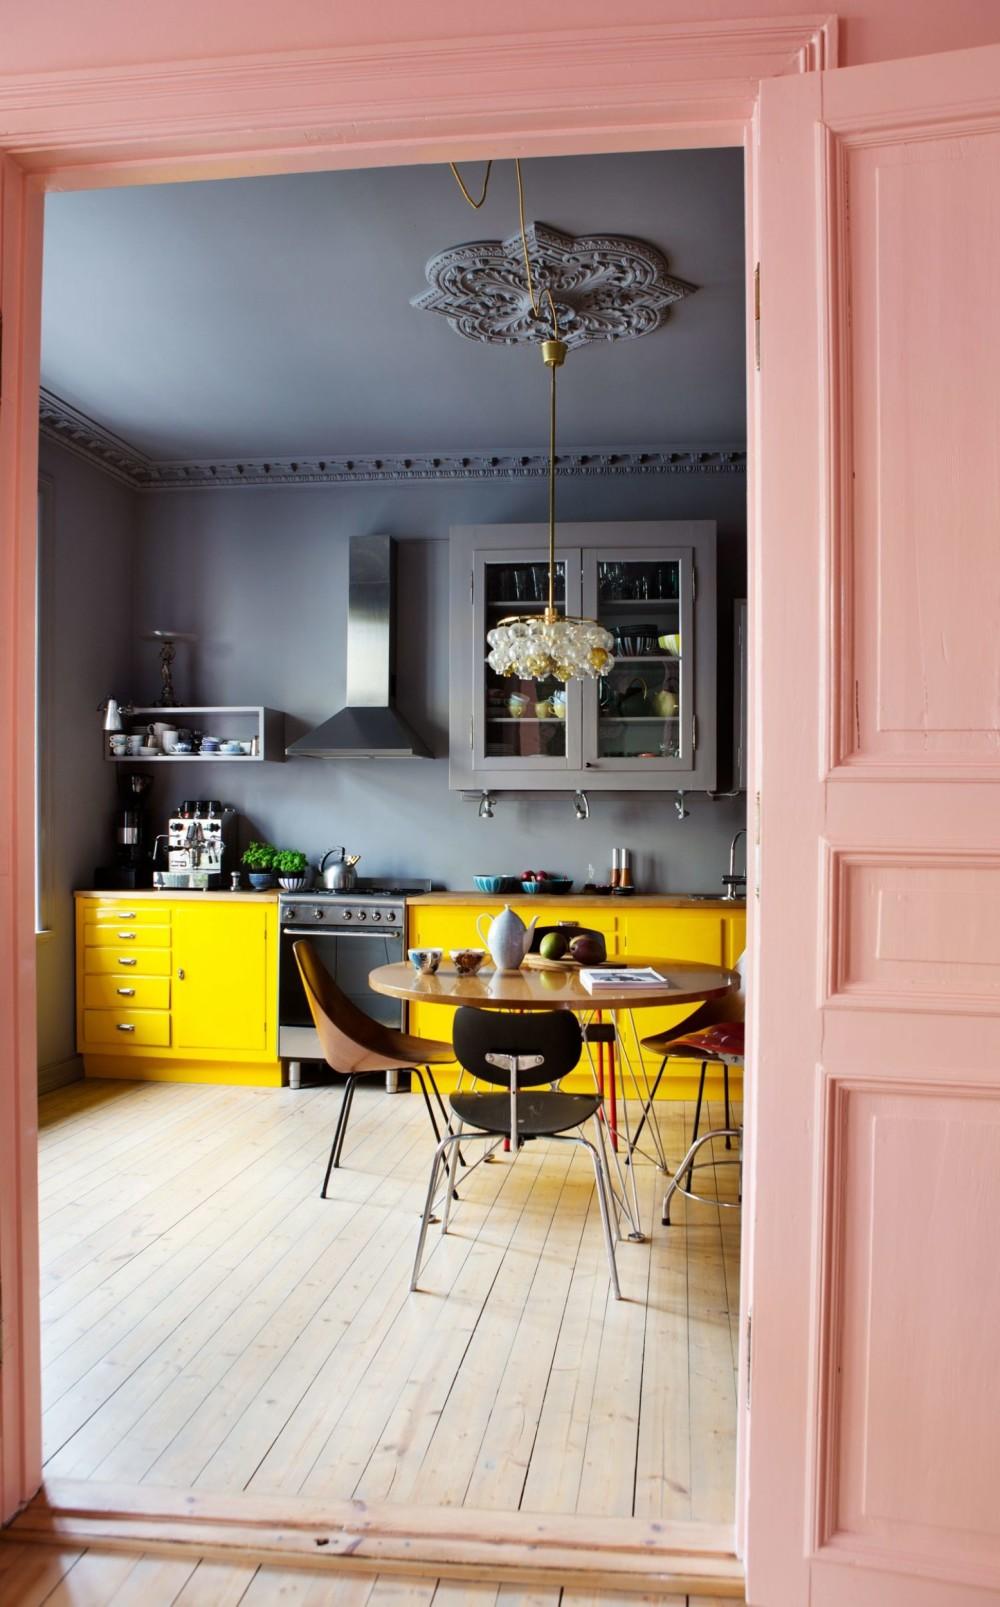 Темно-серые и розовые двери могут быть довольно спокойного цвета, но этот ярко-розовый действительно заставляет их выделяться, не так ли? Нечасто увидишь этот цвет на кухне   фото Ивонны Вильгельмсен